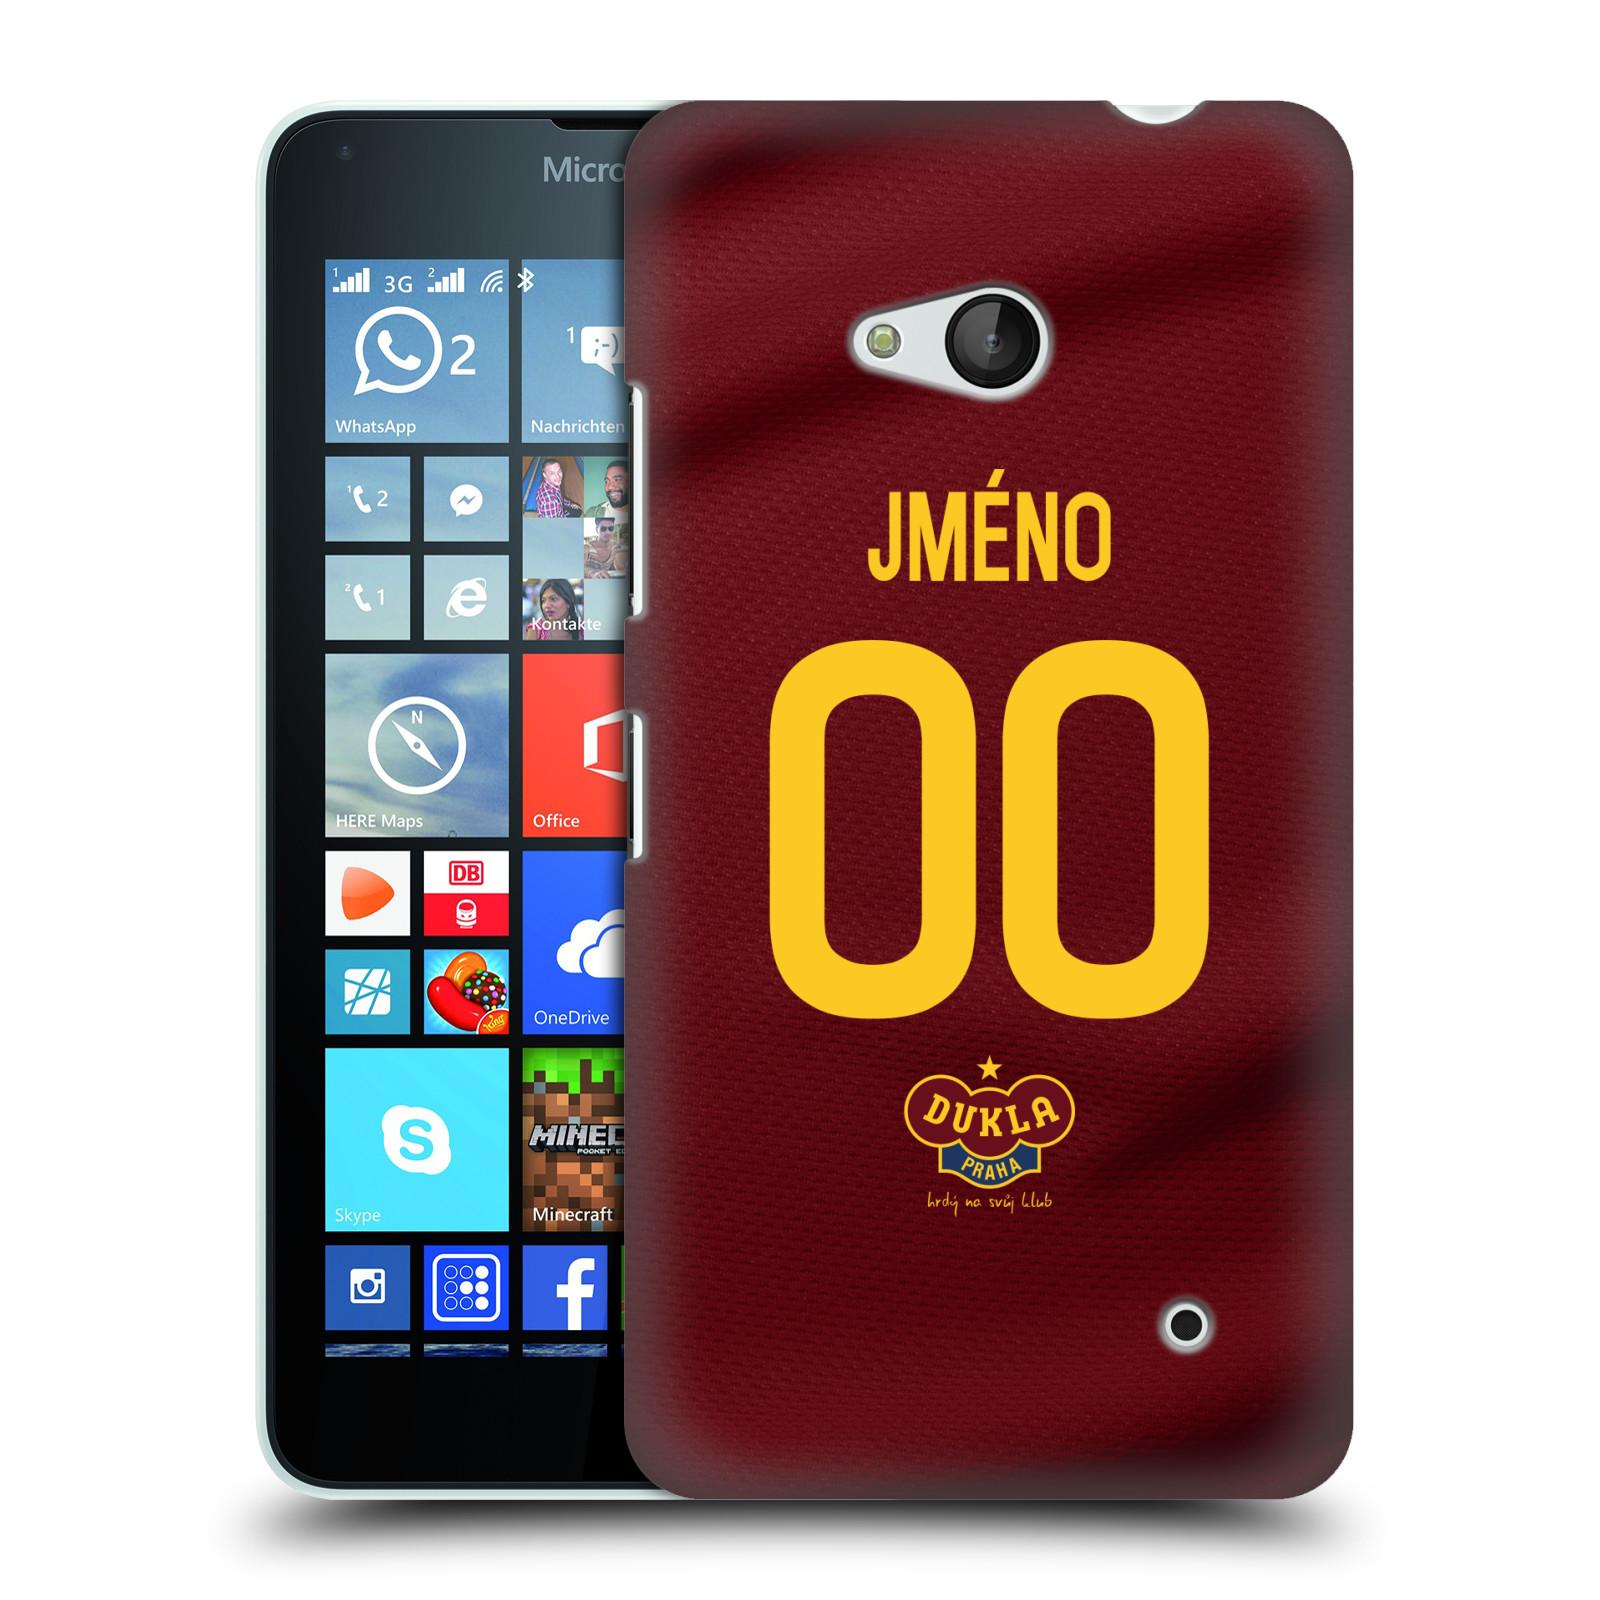 Plastové pouzdro na mobil Microsoft Lumia 640 - FK Dukla Praha - dres s vlastním jménem a číslem (Plastový kryt či obal na mobilní telefon s oficiálním motivem FK Dukla Praha - dres s vlastním jménem a číslem pro Microsoft Lumia 640)